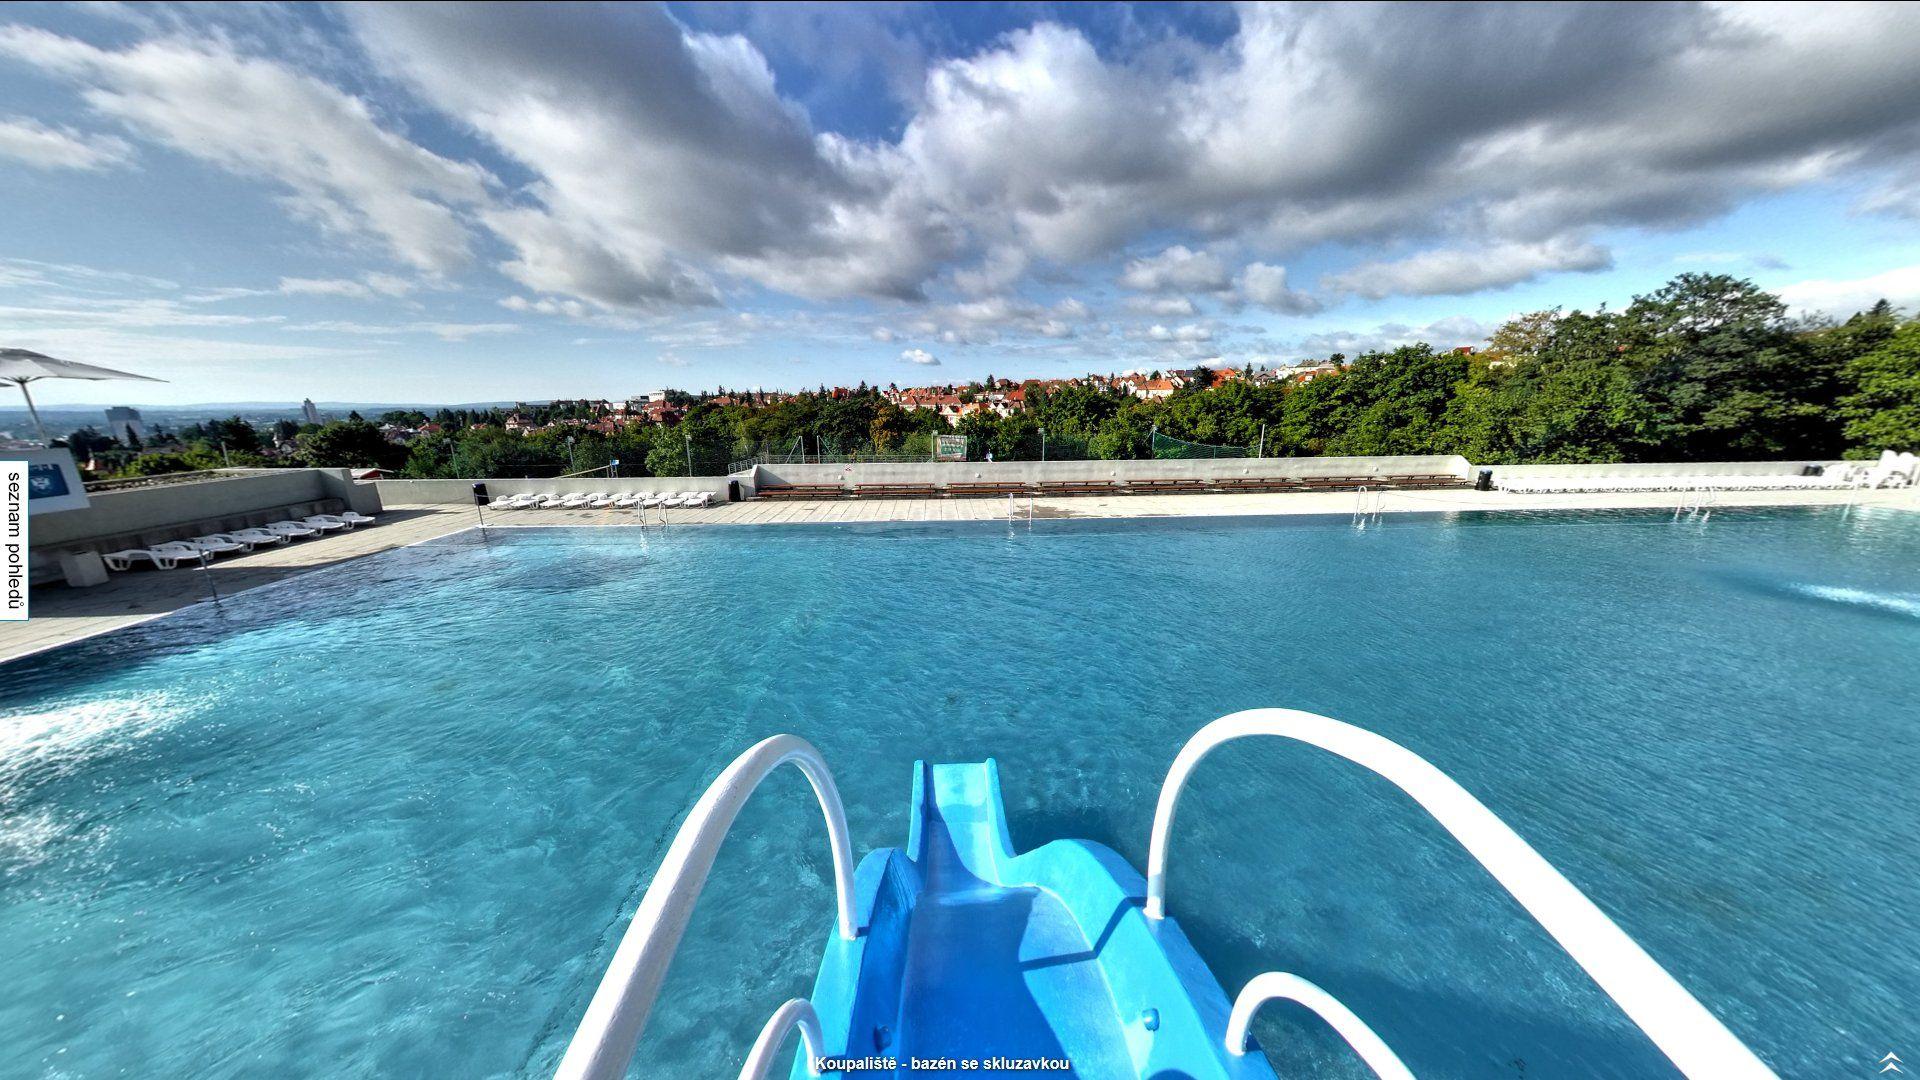 Koupaliště a bazén Kraví hora v Brně – Kompletní průvodce